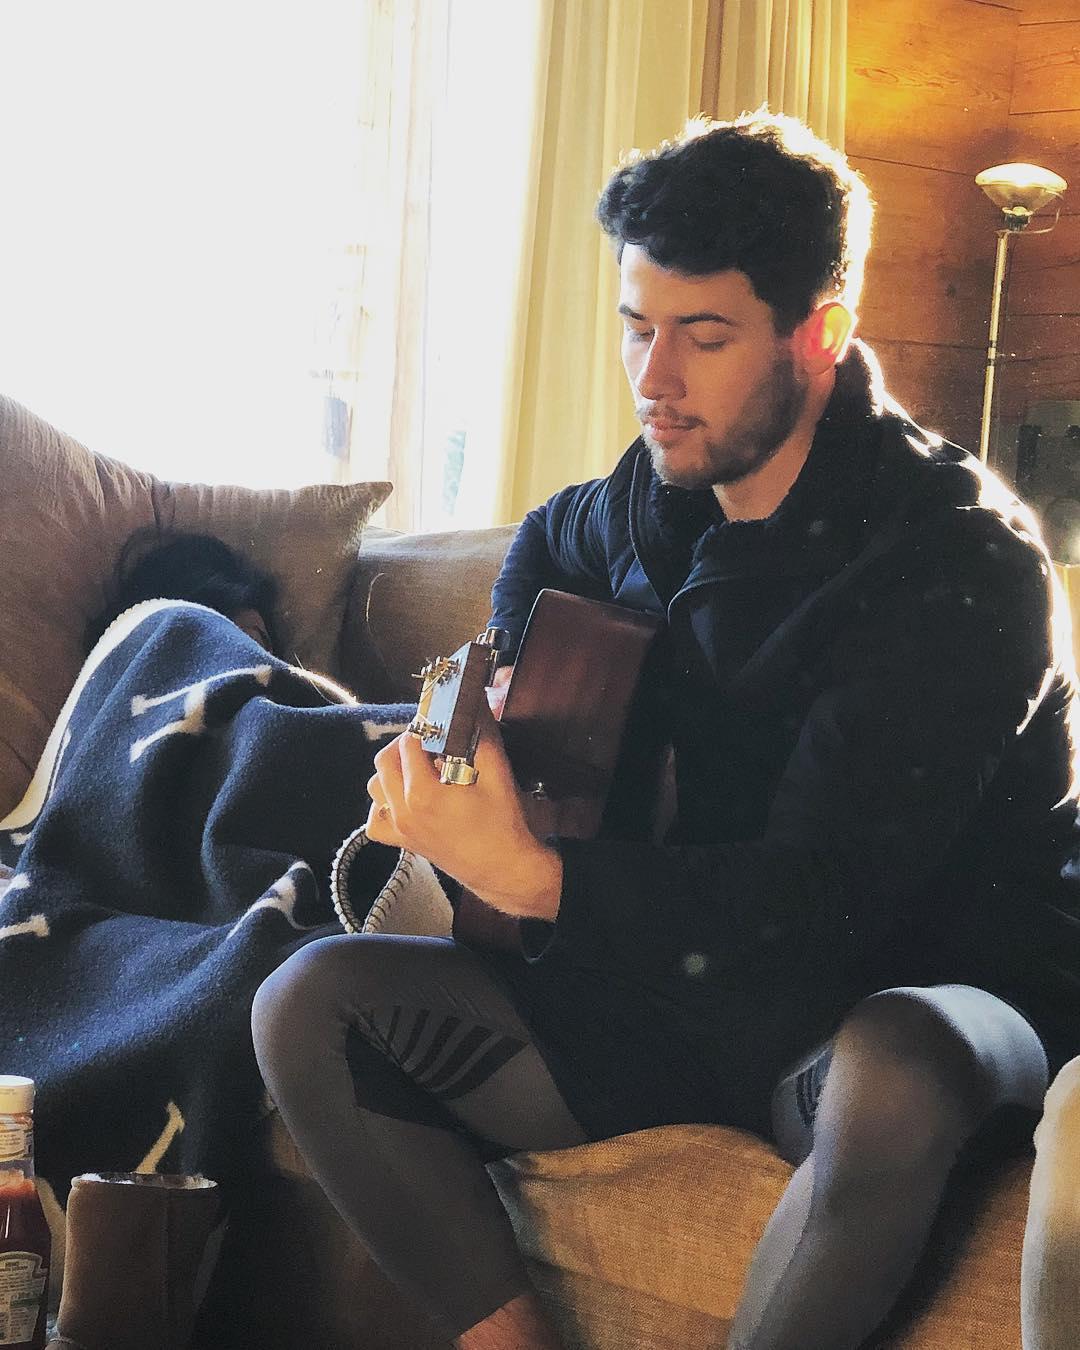 ये देखिए ये है वो तस्वीर जो हर तरफ छा गई थीं. इसमें एक तरफ जहां निक जोनस गिटार बजाते नजर आ रहे हैं तो वहीं उनके साथ मौजूद प्रियंका कंबल ओढ़ कर सो रही थीं.